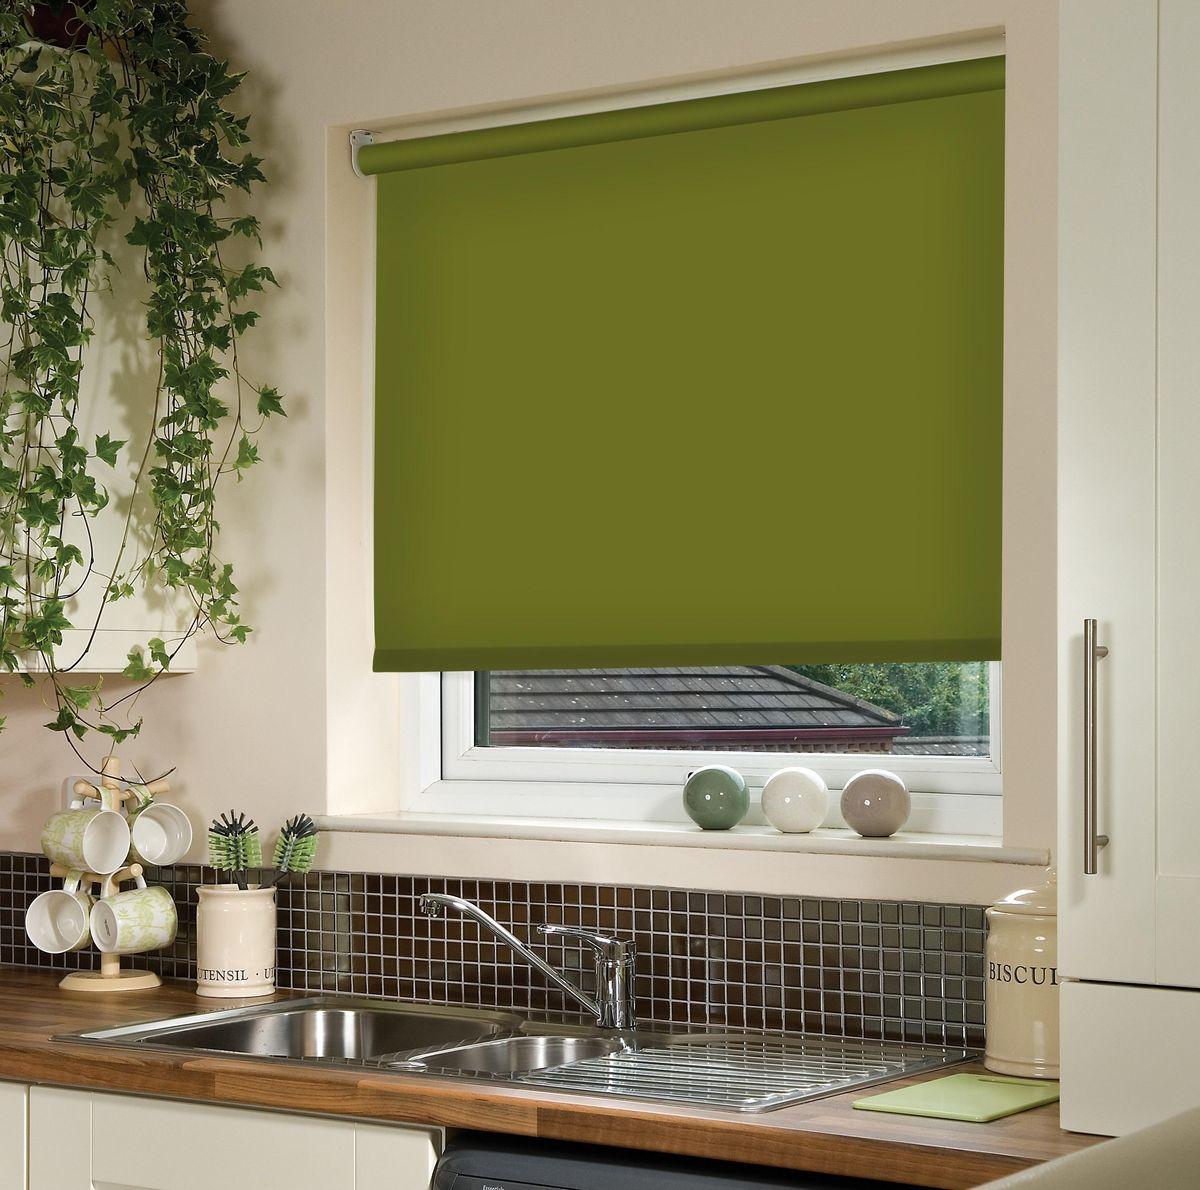 Штора рулонная Эскар, цвет: темно-оливковый, ширина 140 см, высота 170 см81018140170Рулонными шторами можно оформлять окна как самостоятельно, так и использовать в комбинации с портьерами. Это поможет предотвратить выгорание дорогой ткани на солнце и соединит функционал рулонных с красотой навесных. Преимущества применения рулонных штор для пластиковых окон: - имеют прекрасный внешний вид: многообразие и фактурность материала изделия отлично смотрятся в любом интерьере; - многофункциональны: есть возможность подобрать шторы способные эффективно защитить комнату от солнца, при этом она не будет слишком темной. - Есть возможность осуществить быстрый монтаж. ВНИМАНИЕ! Размеры ширины изделия указаны по ширине ткани! Во время эксплуатации не рекомендуется полностью разматывать рулон, чтобы не оторвать ткань от намоточного вала. В случае загрязнения поверхности ткани, чистку шторы проводят одним из способов, в зависимости от типа загрязнения: легкое поверхностное загрязнение можно удалить при помощи канцелярского ластика; чистка от пыли производится сухим методом при...